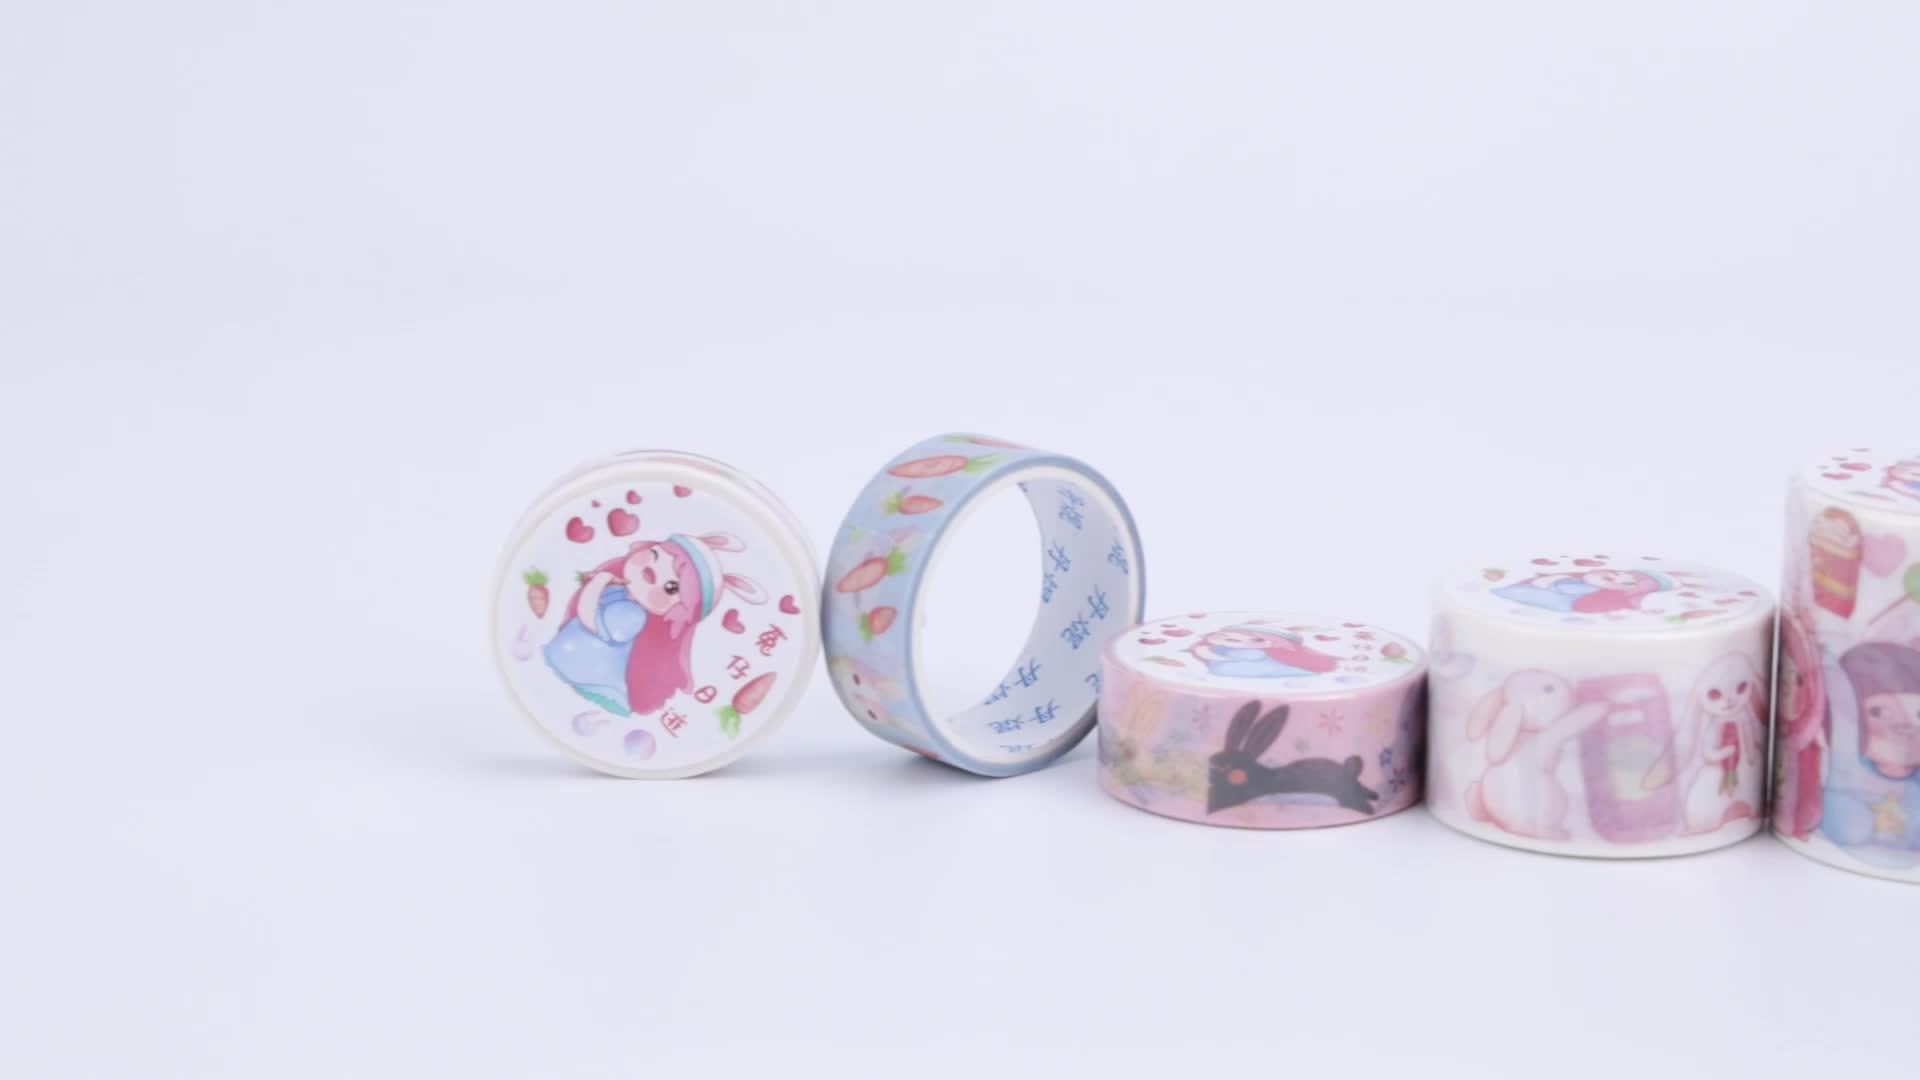 Impressão ofício Colorful Gravável Washi Japonês Fita Adesiva de Papel